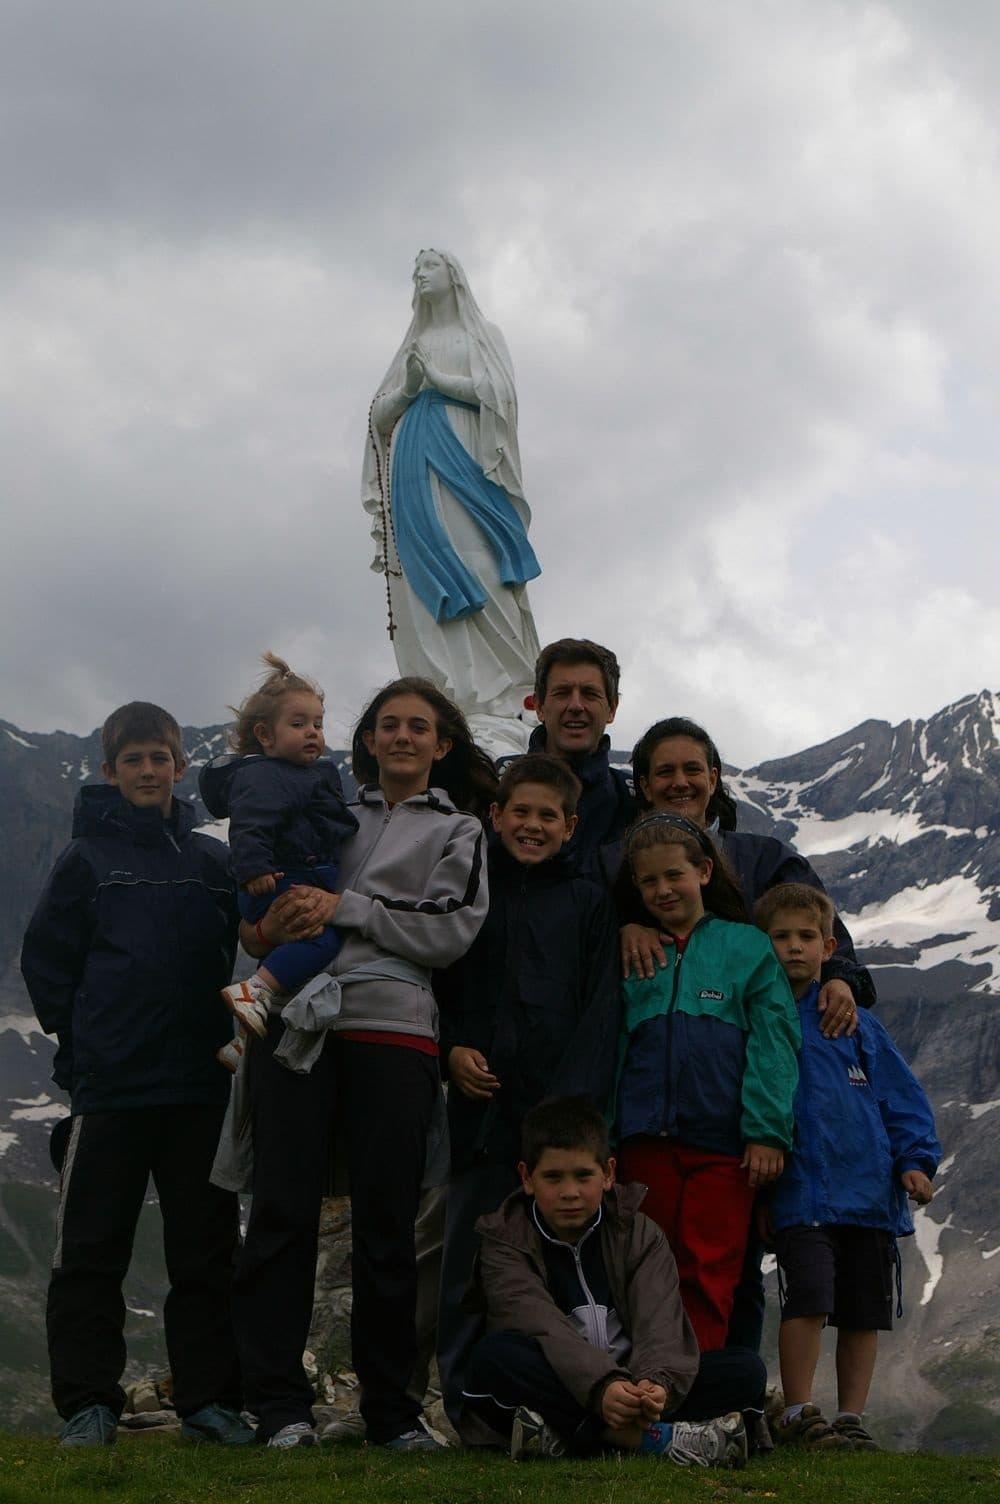 Familia Borsani, junto a una escultura de la Virgen en la montaña.